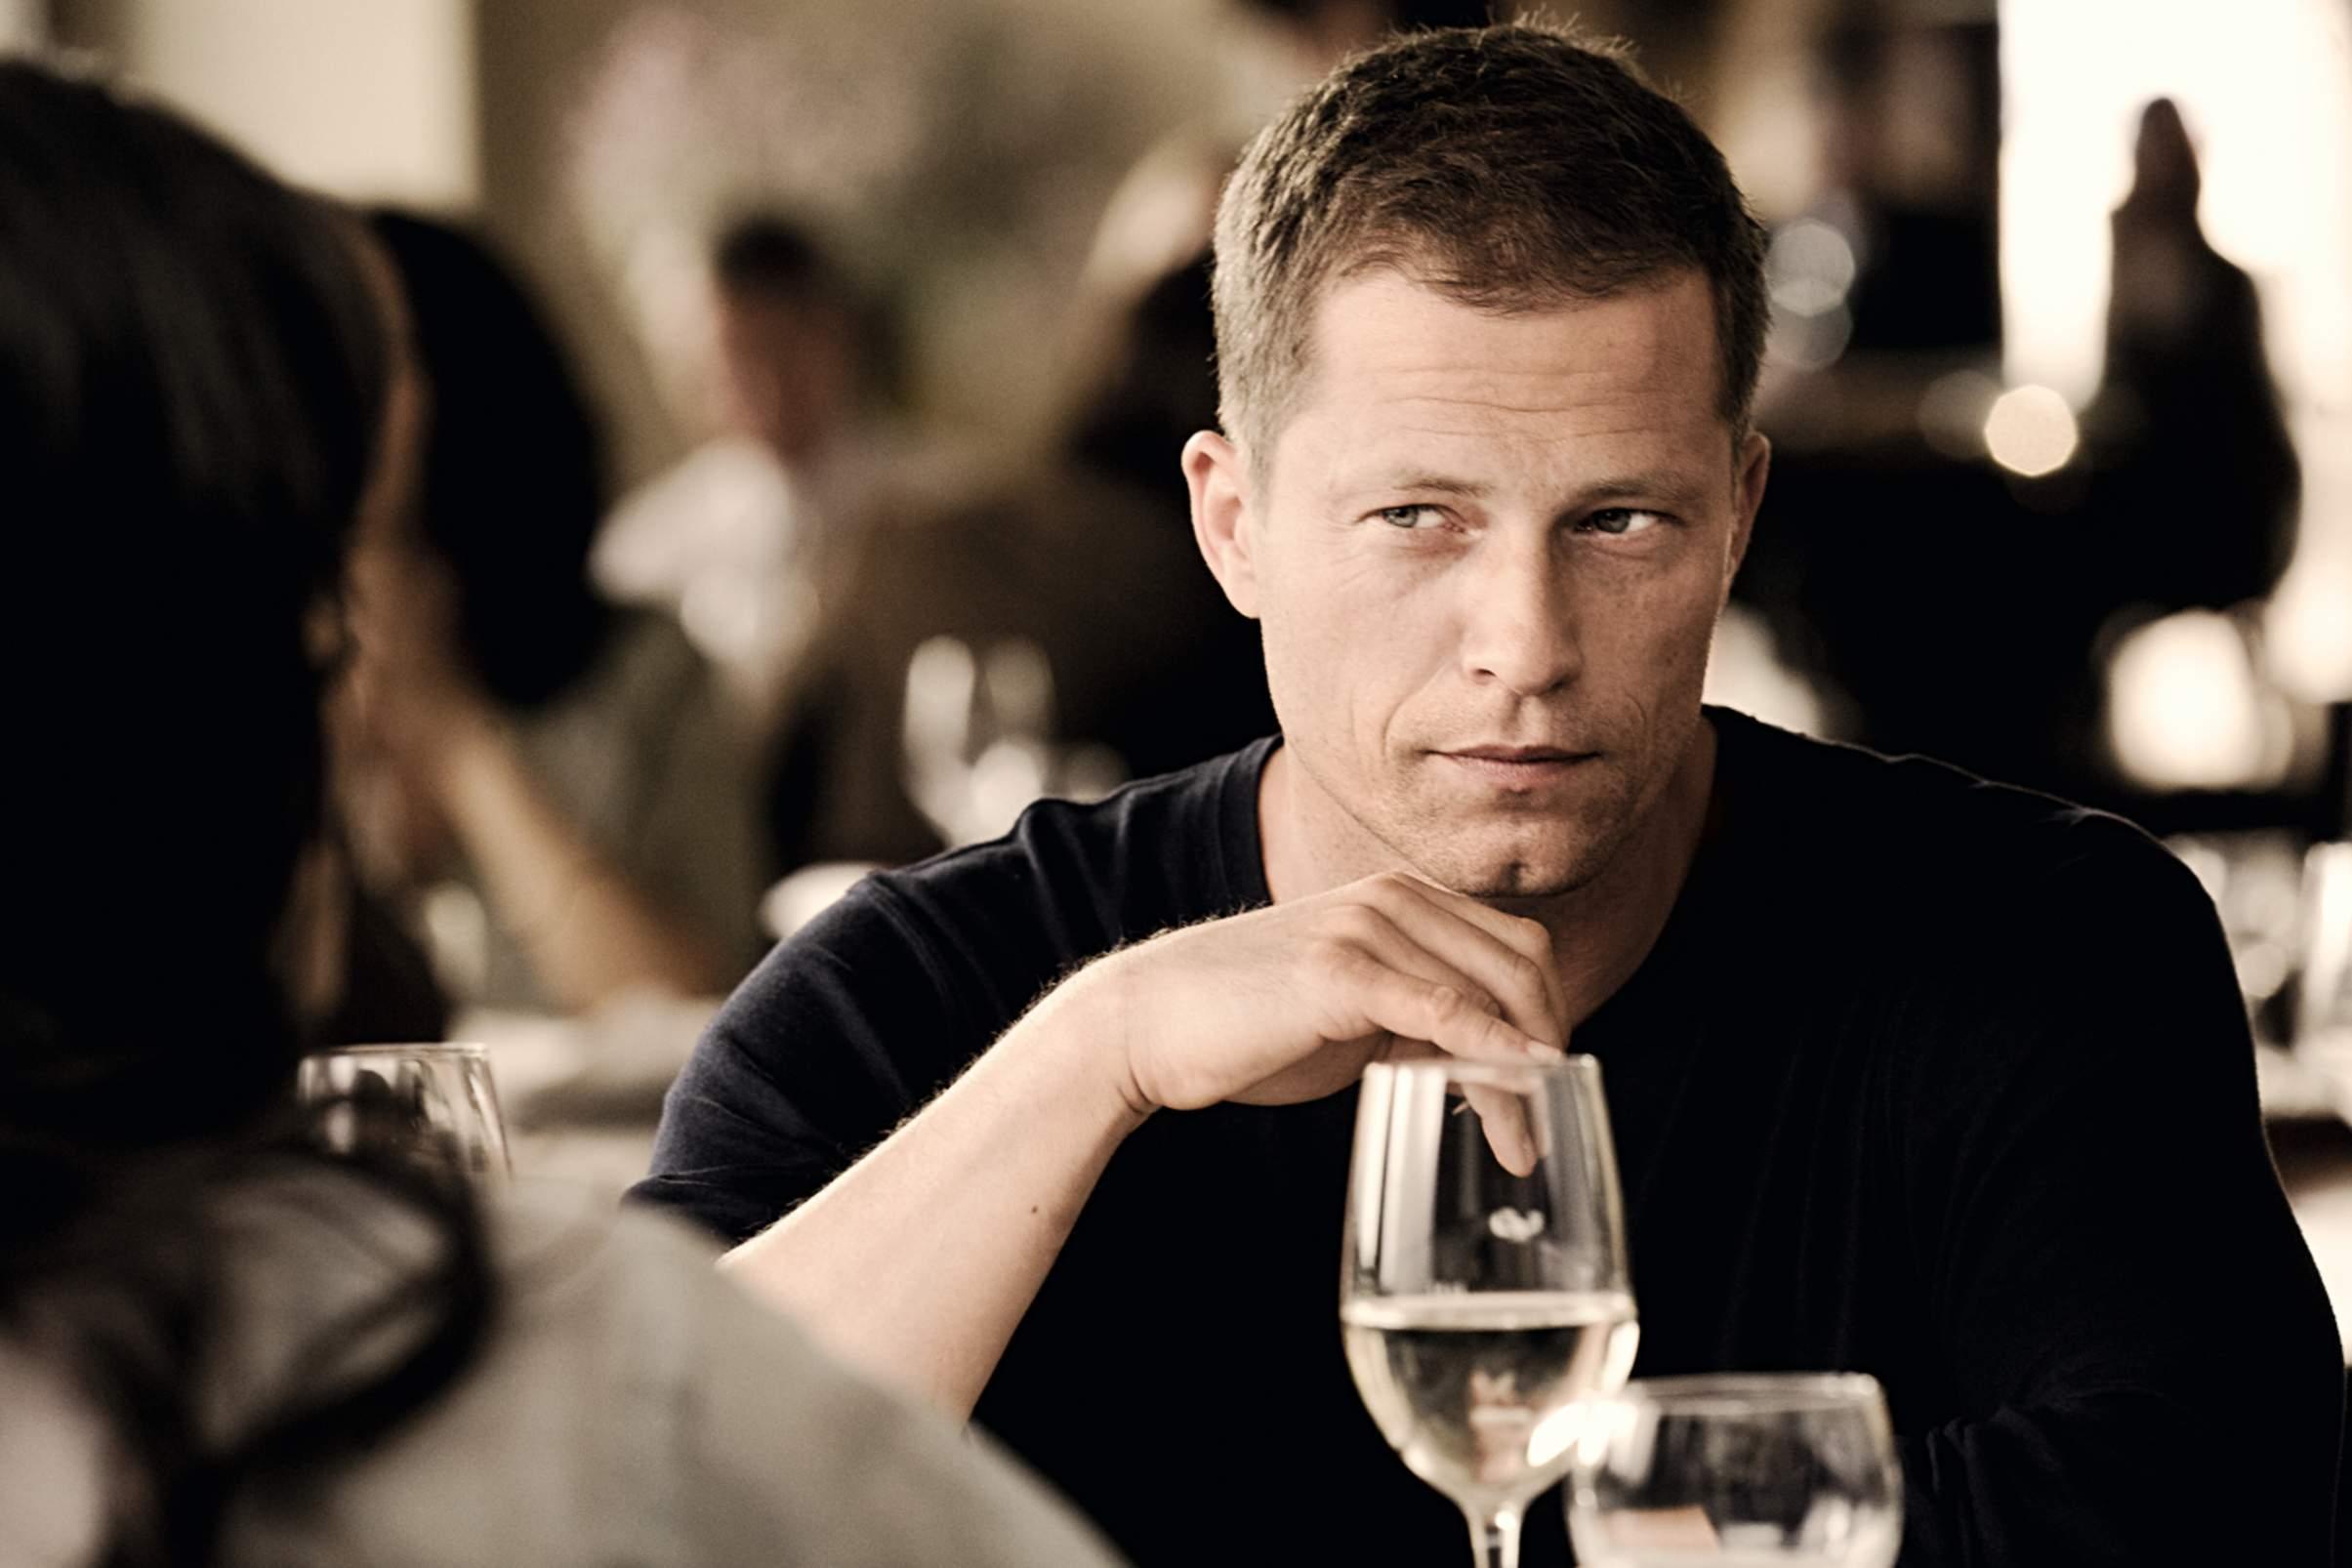 Movie star Til Schweig...